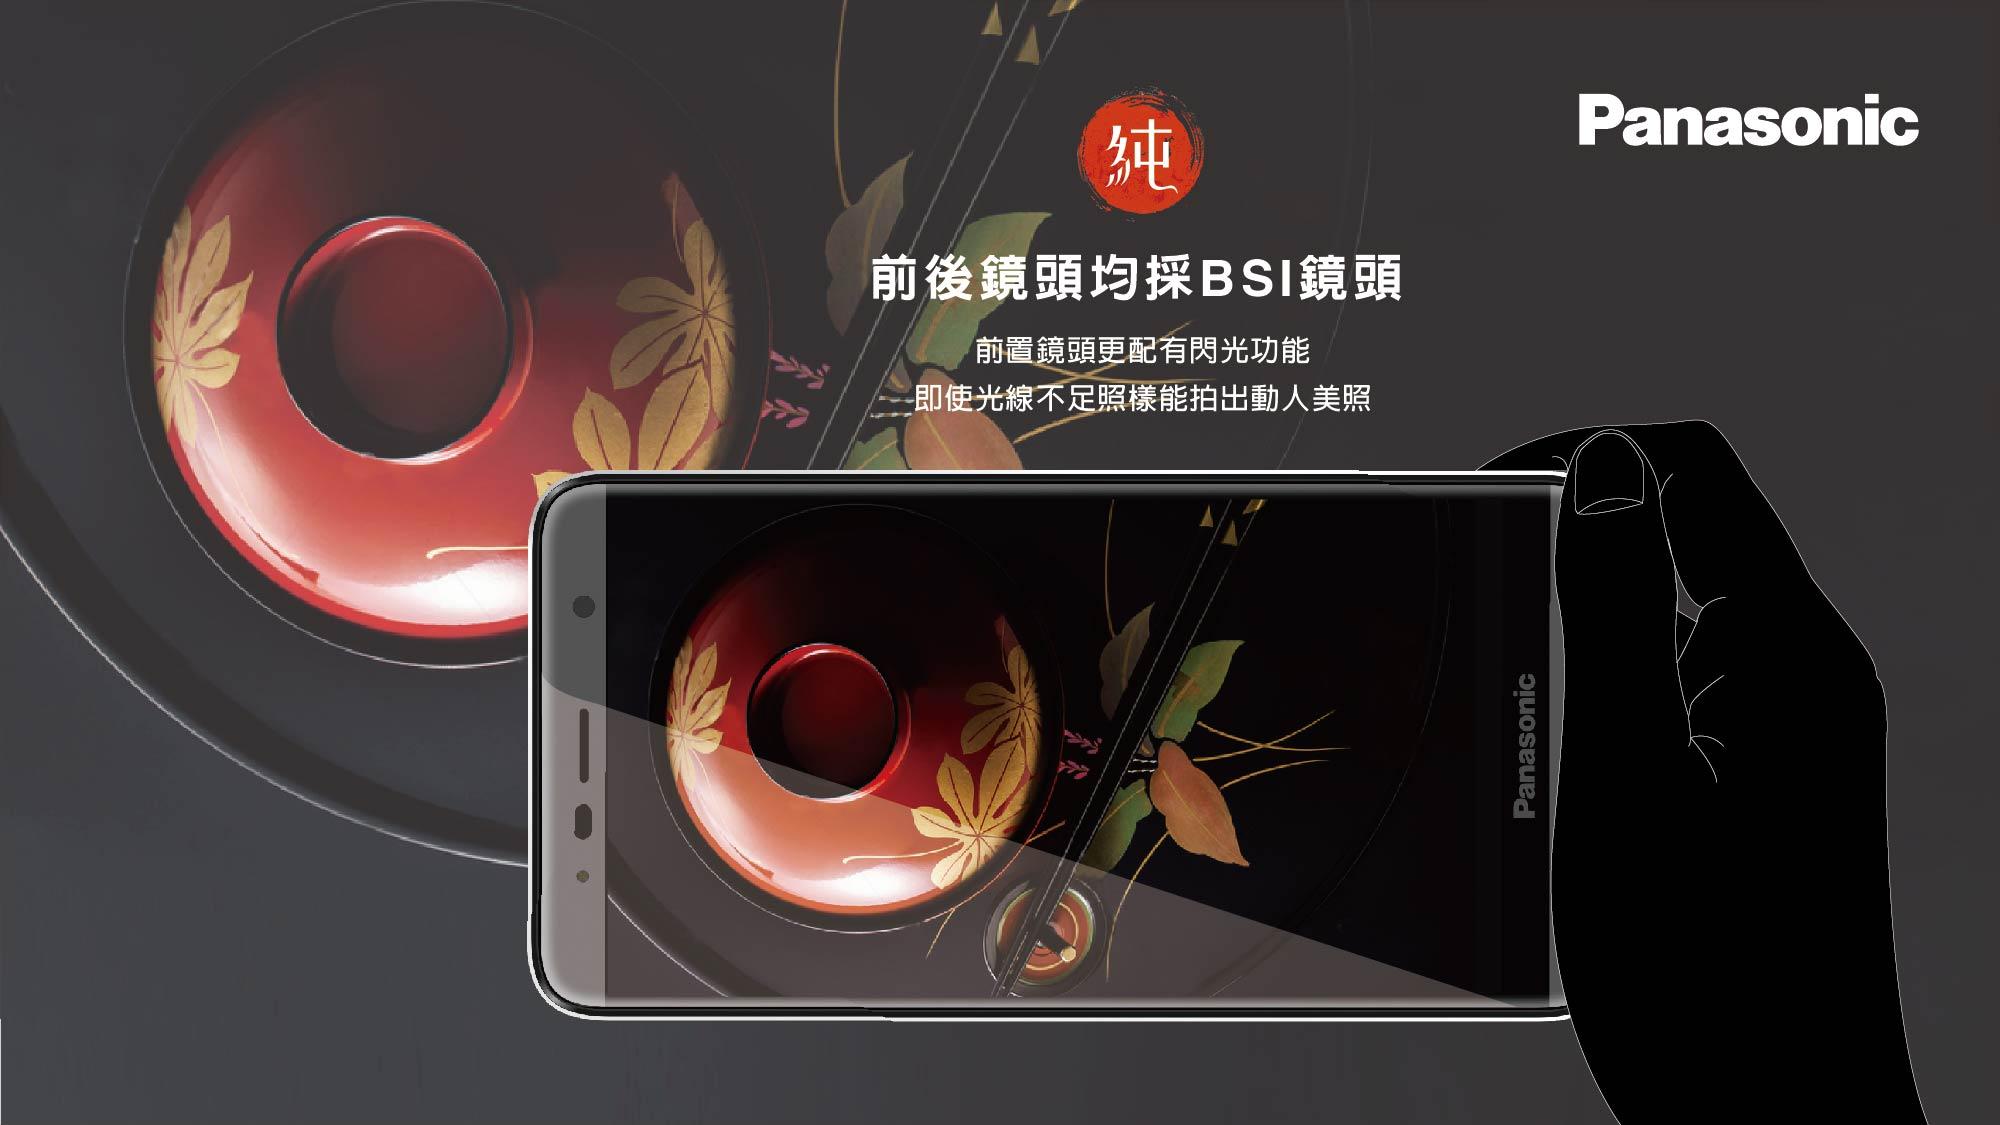 """Jak widzę ten smartfon, to od razu przypomina mi się gość z reklamy mówiący """"Panasonic"""" 22"""